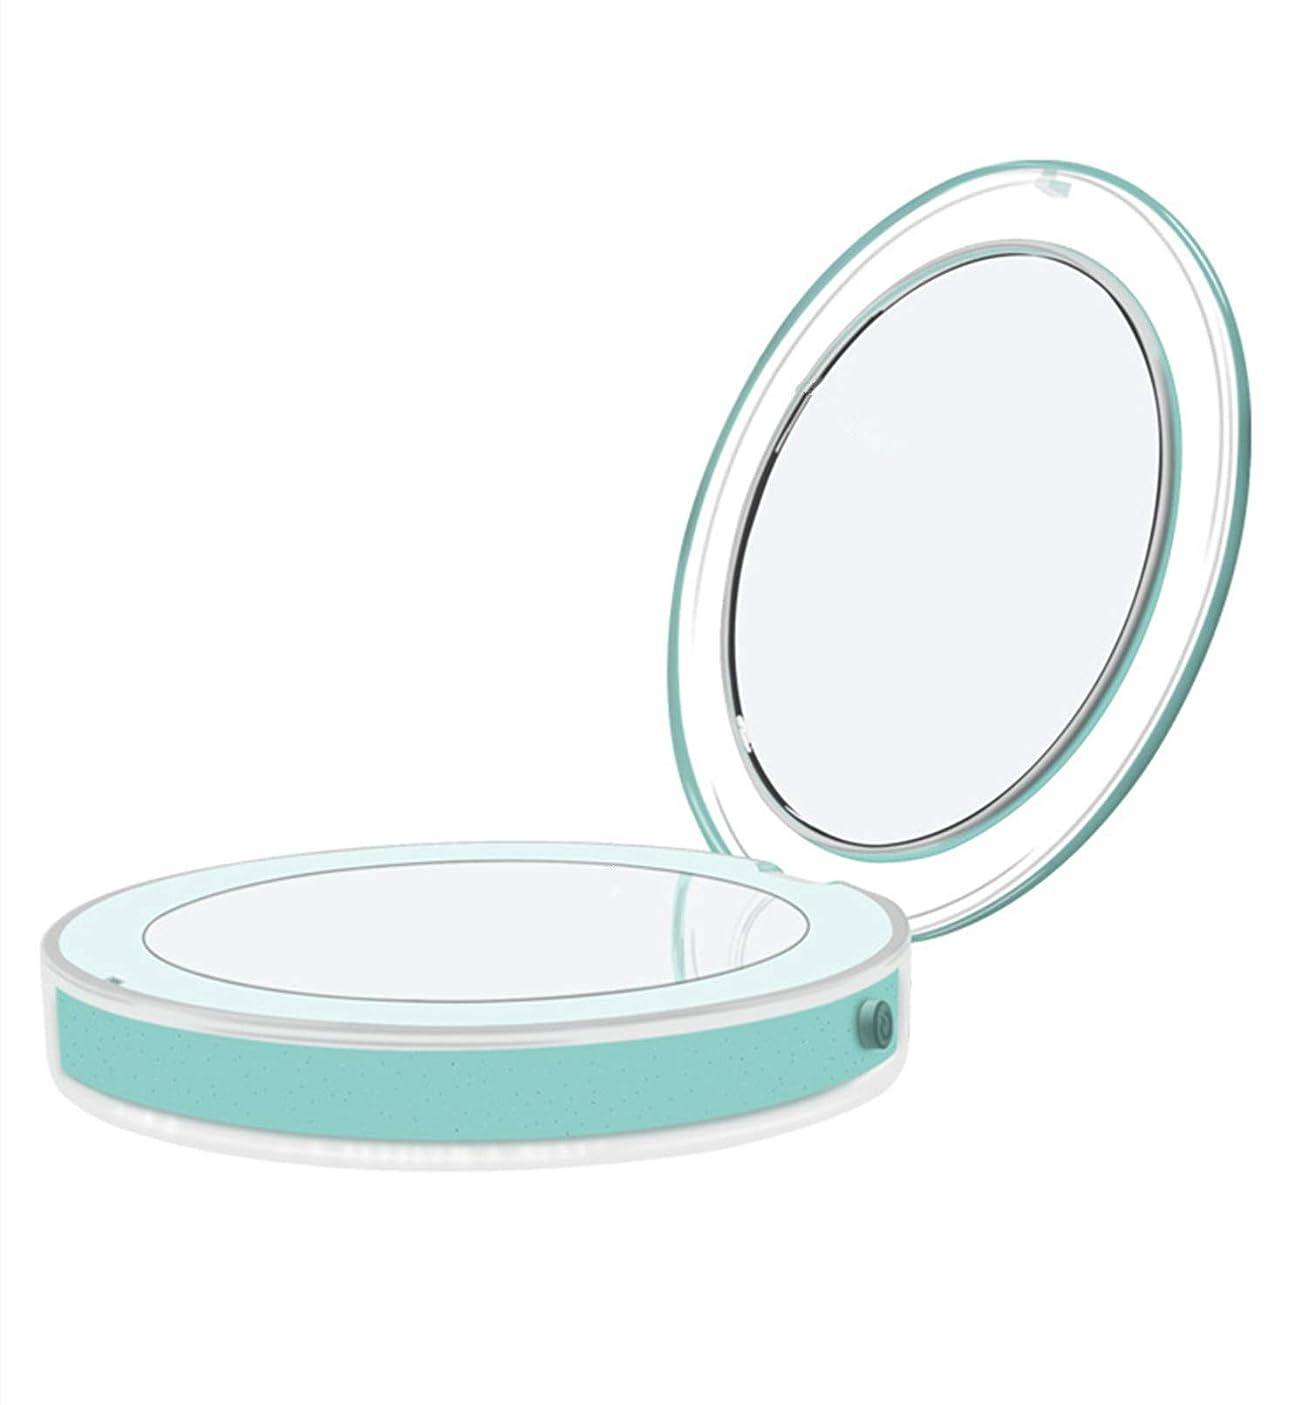 ポケットミラー 照明を持った旅行化粧鏡 タッチスイッチ化粧ミラー 3倍拡大鏡 手持式折り畳み式コンパクトミラー LEDライト (ライトグリーン)